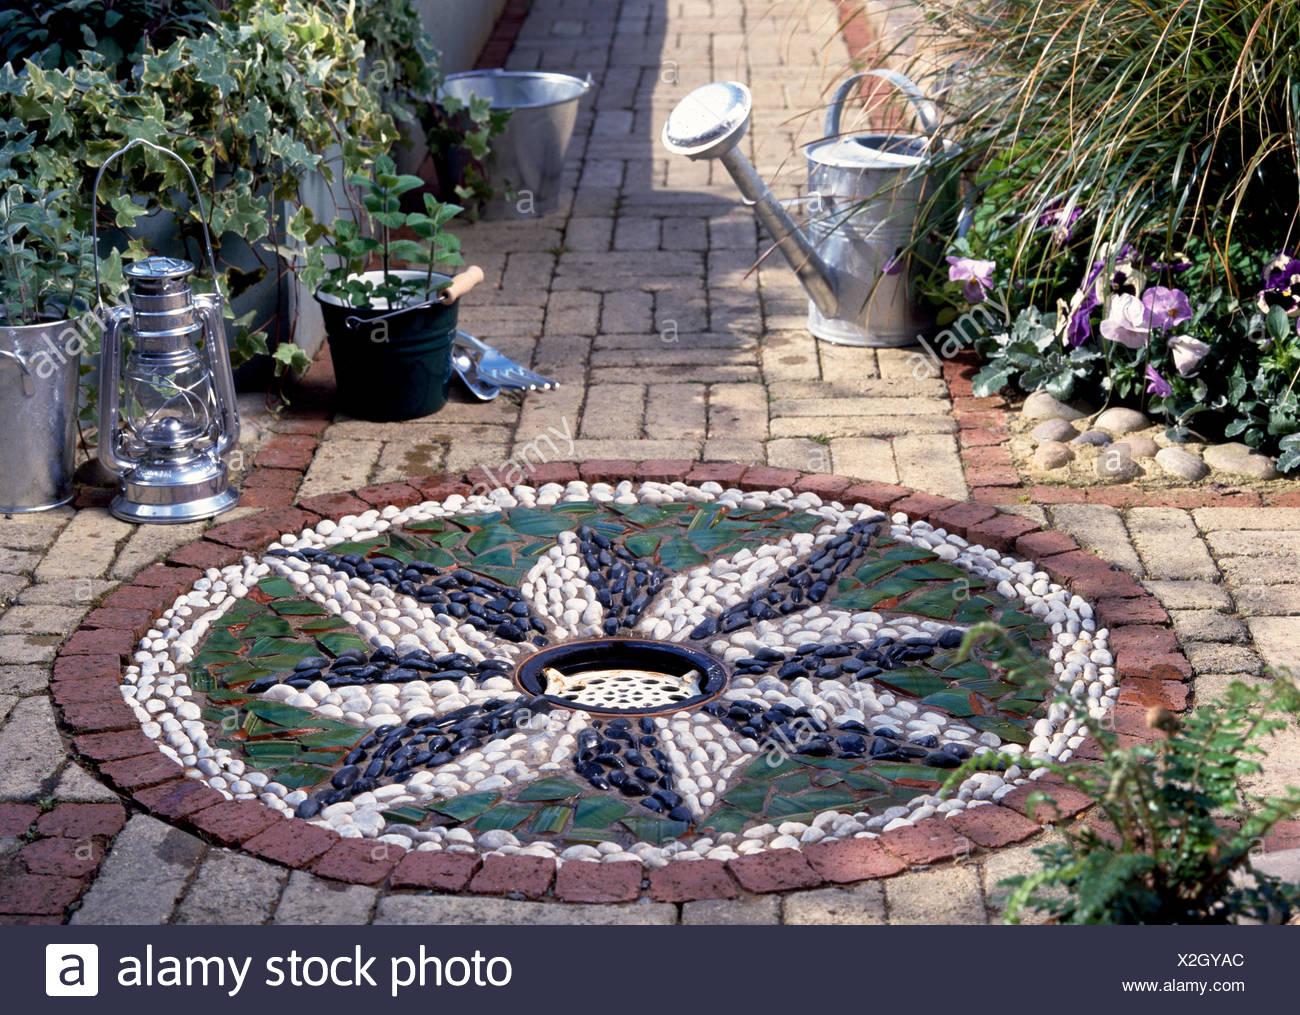 Großartig Mosaik Garten Beste Wahl Diy Wasserspiel Im Garten: Kanten Um Kleine